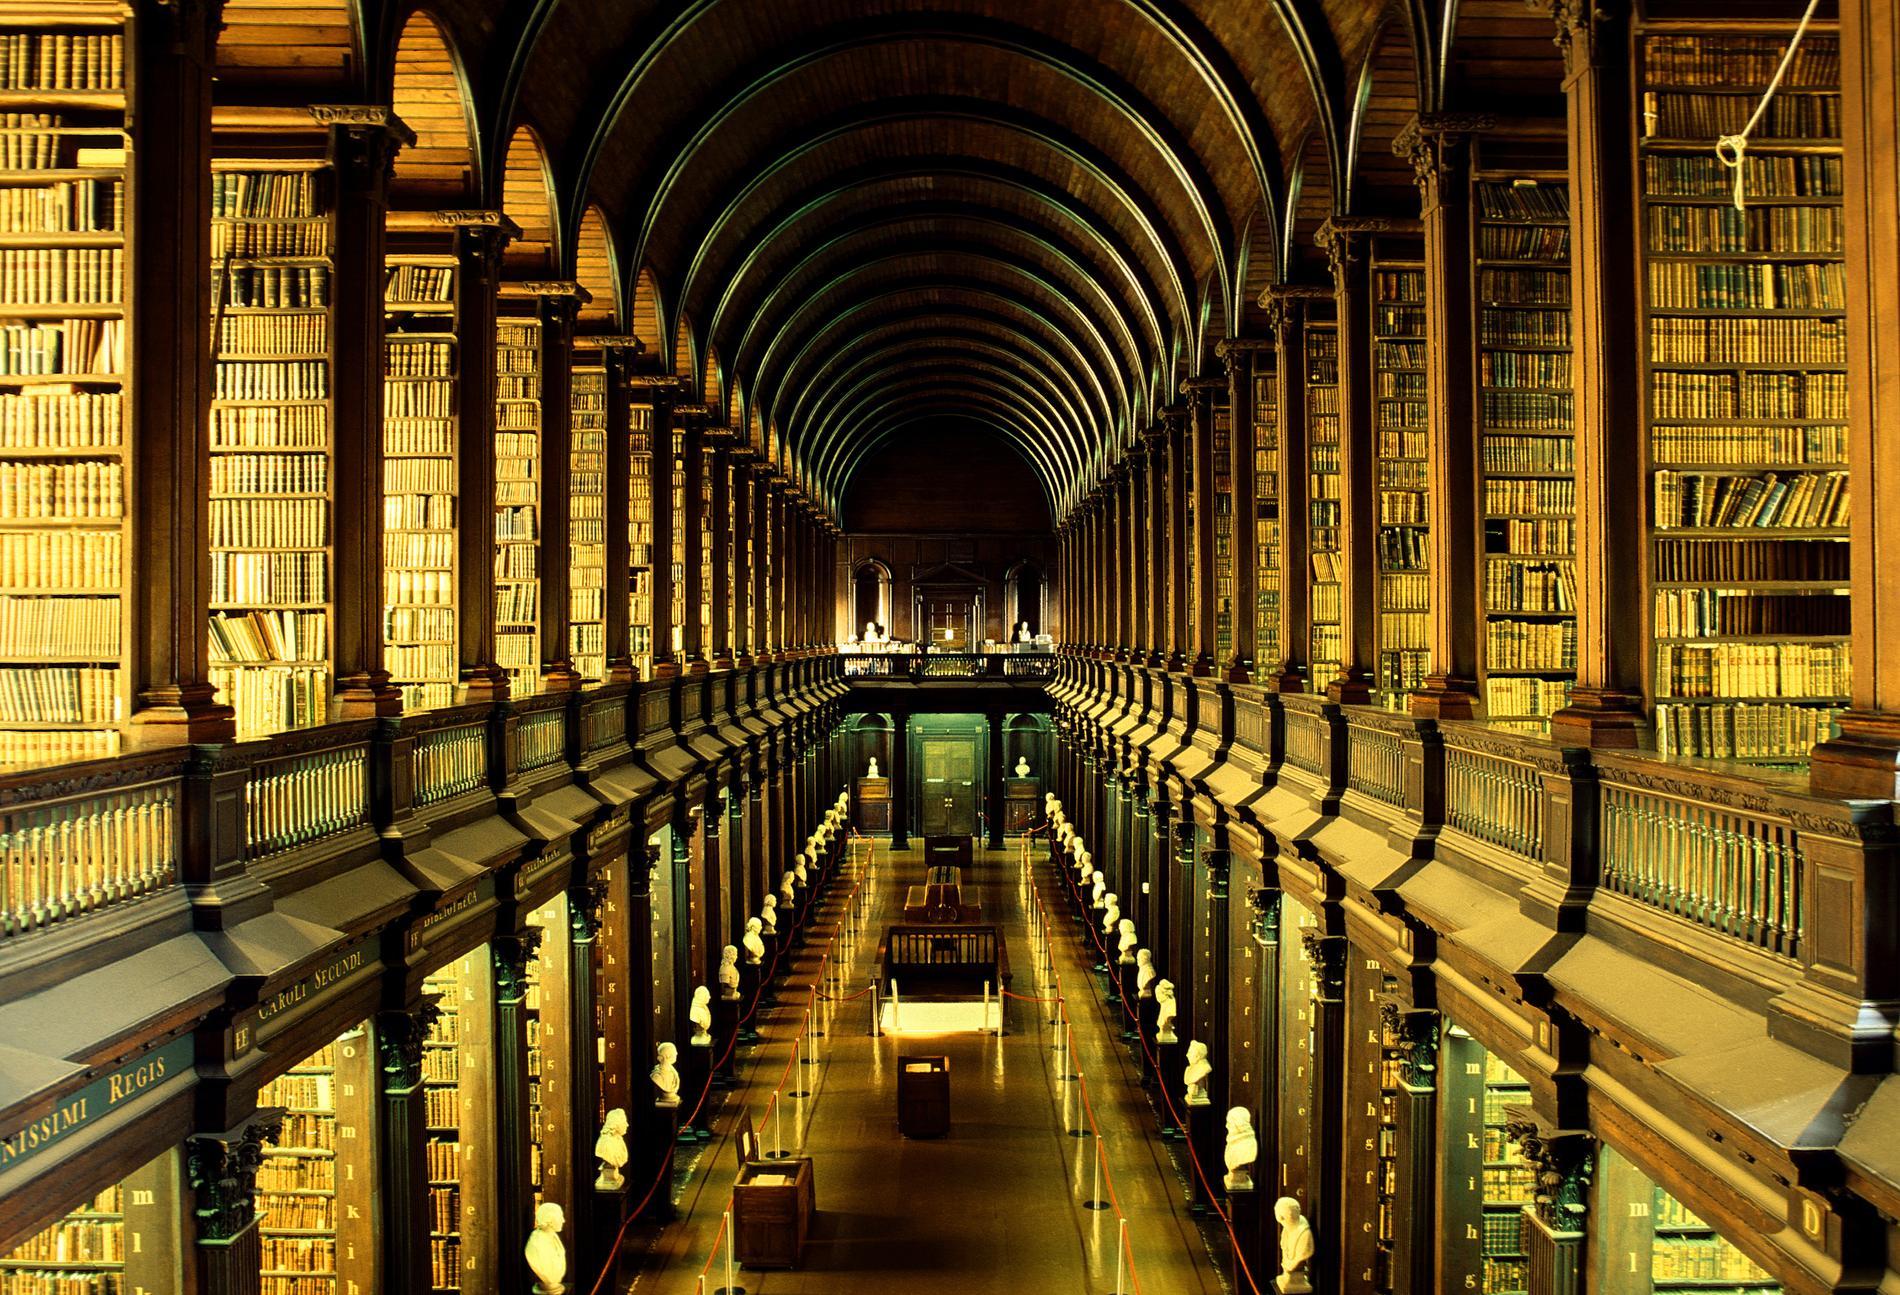 Känner du igen Trinity collages bibliotek? Många menar att det liknar Jediarkivet i Star Wars.